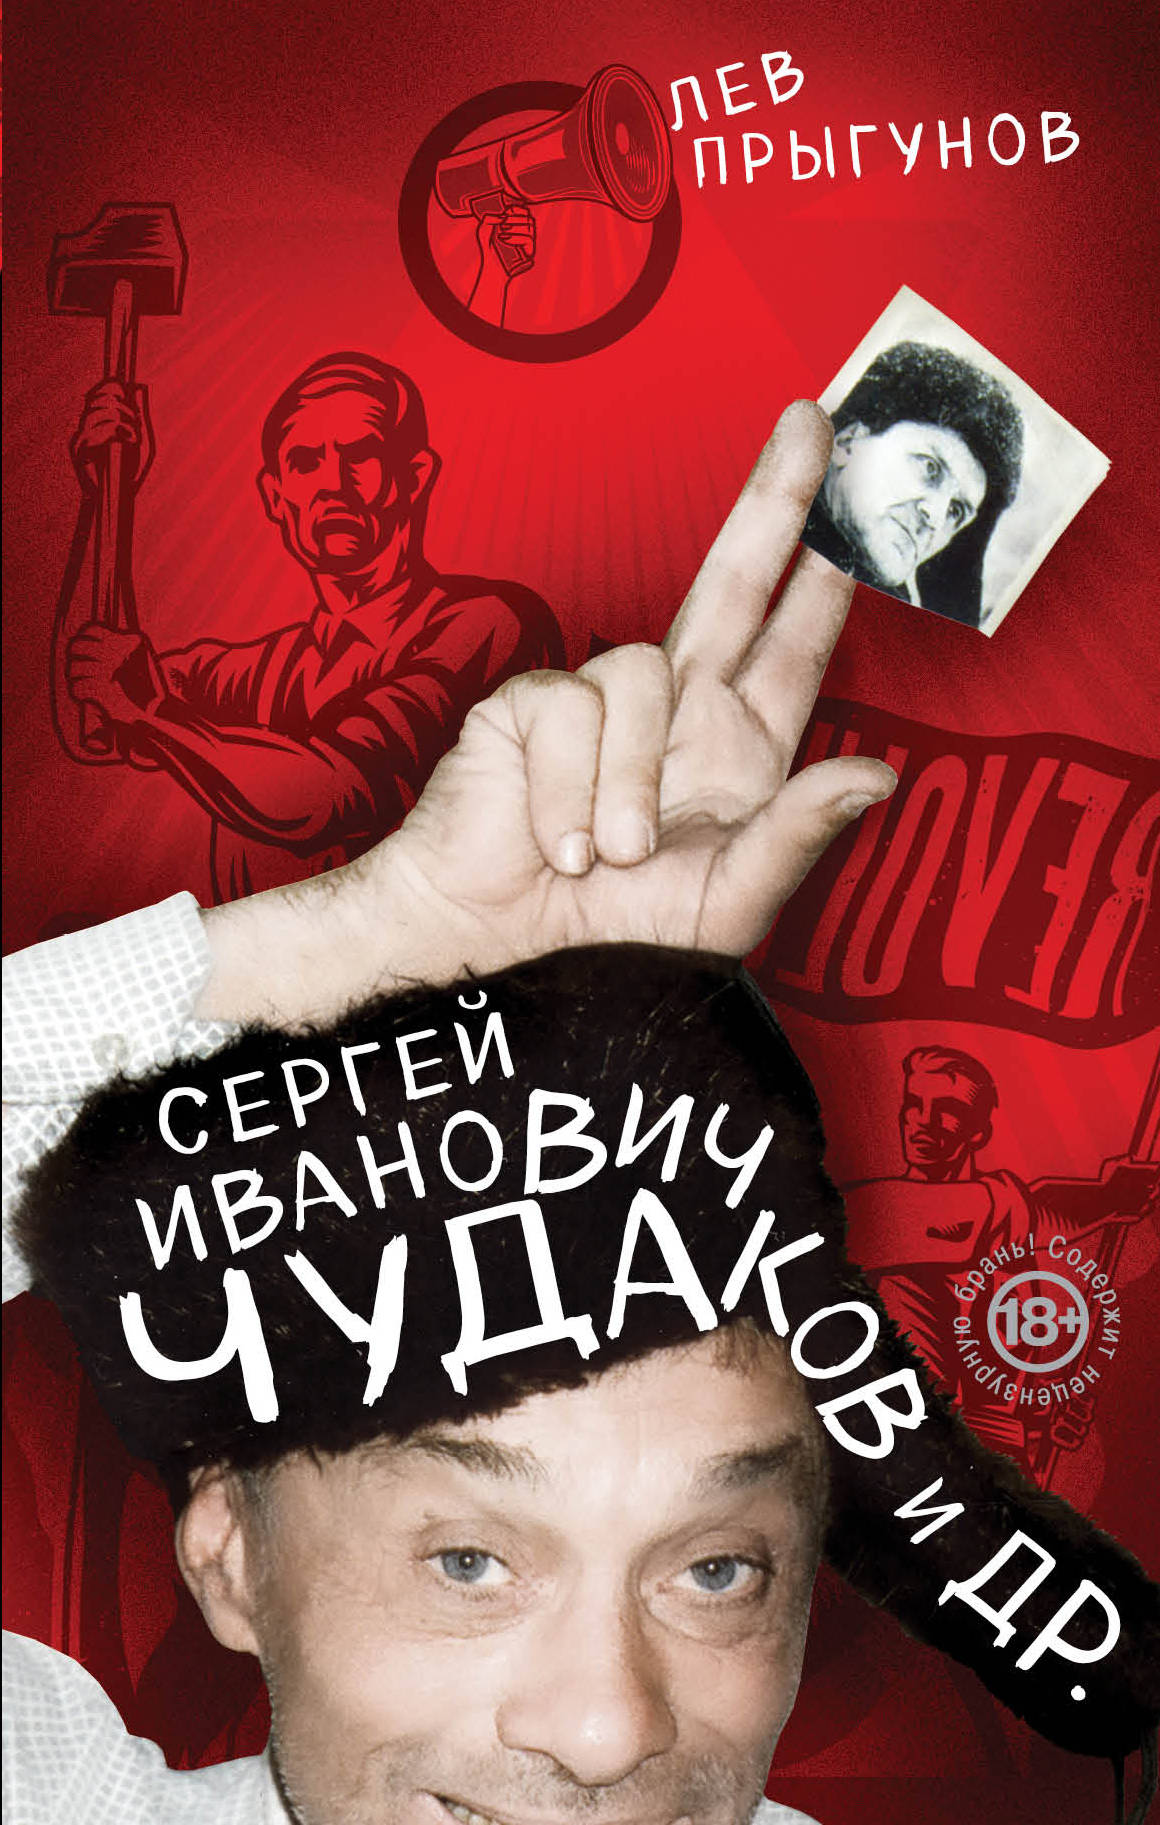 Прыгунов Лев Сергей Иванович Чудаков и др.